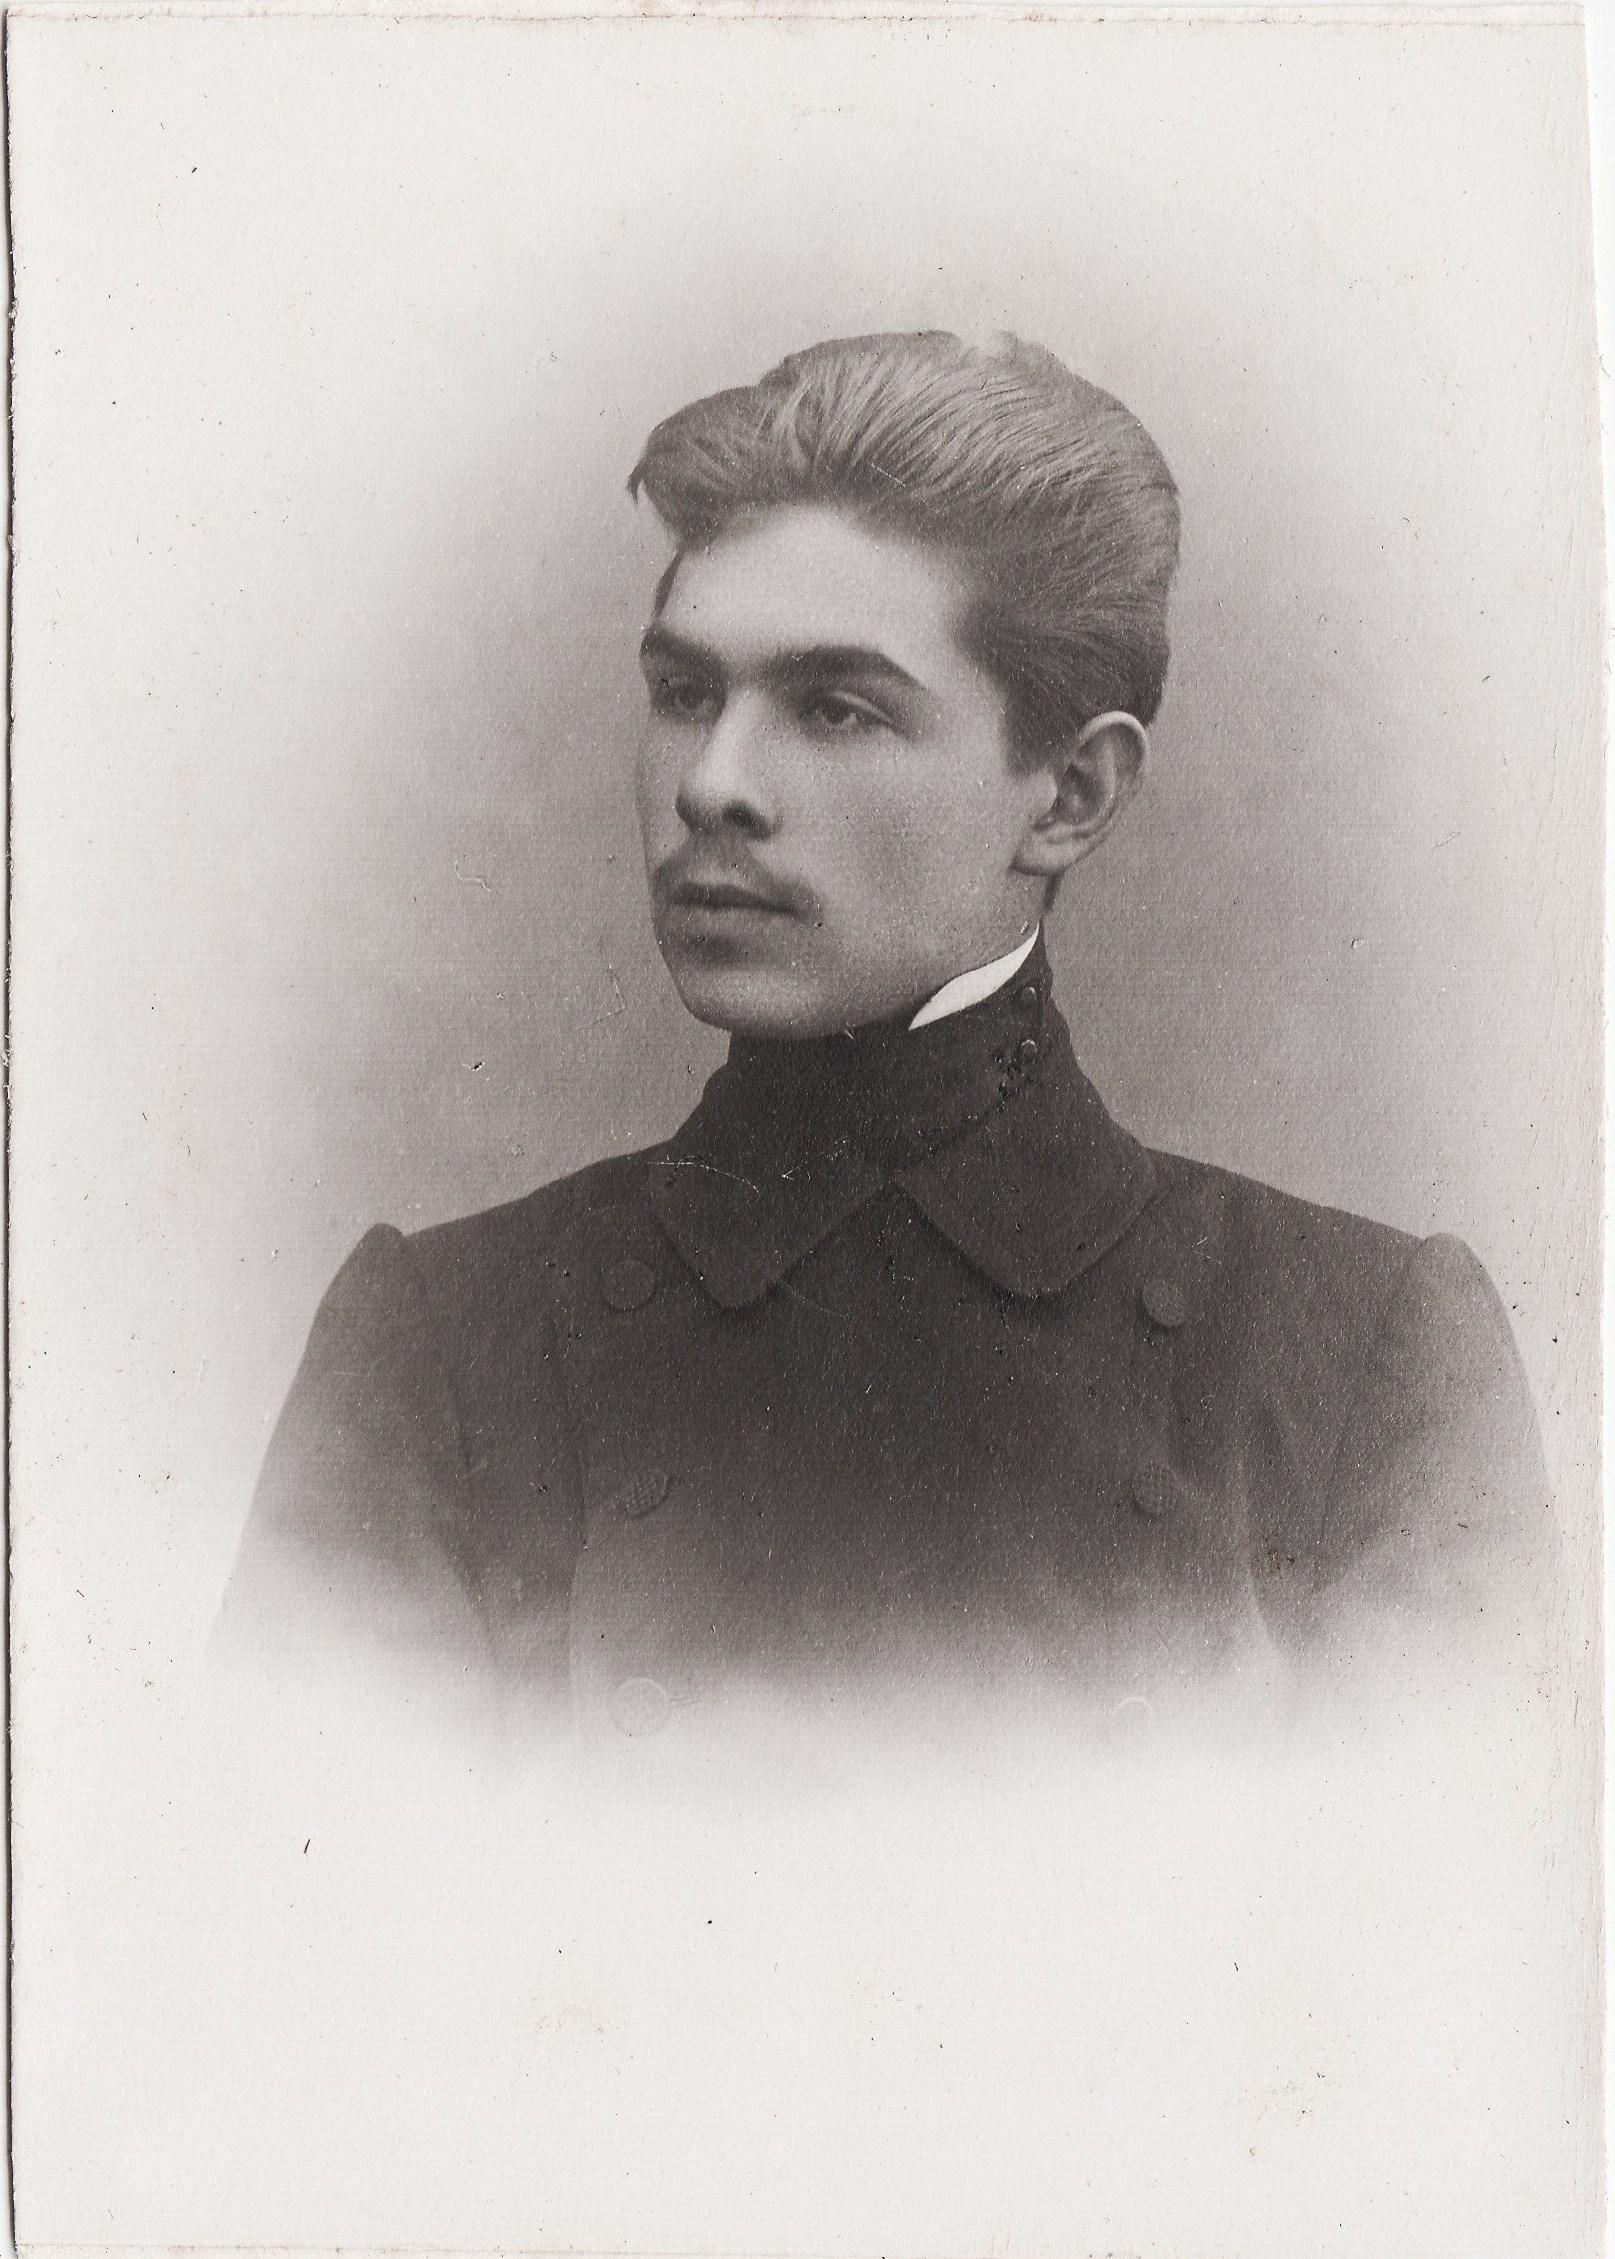 Студент Наумов Павел Иванович. I отделение разряд 1.